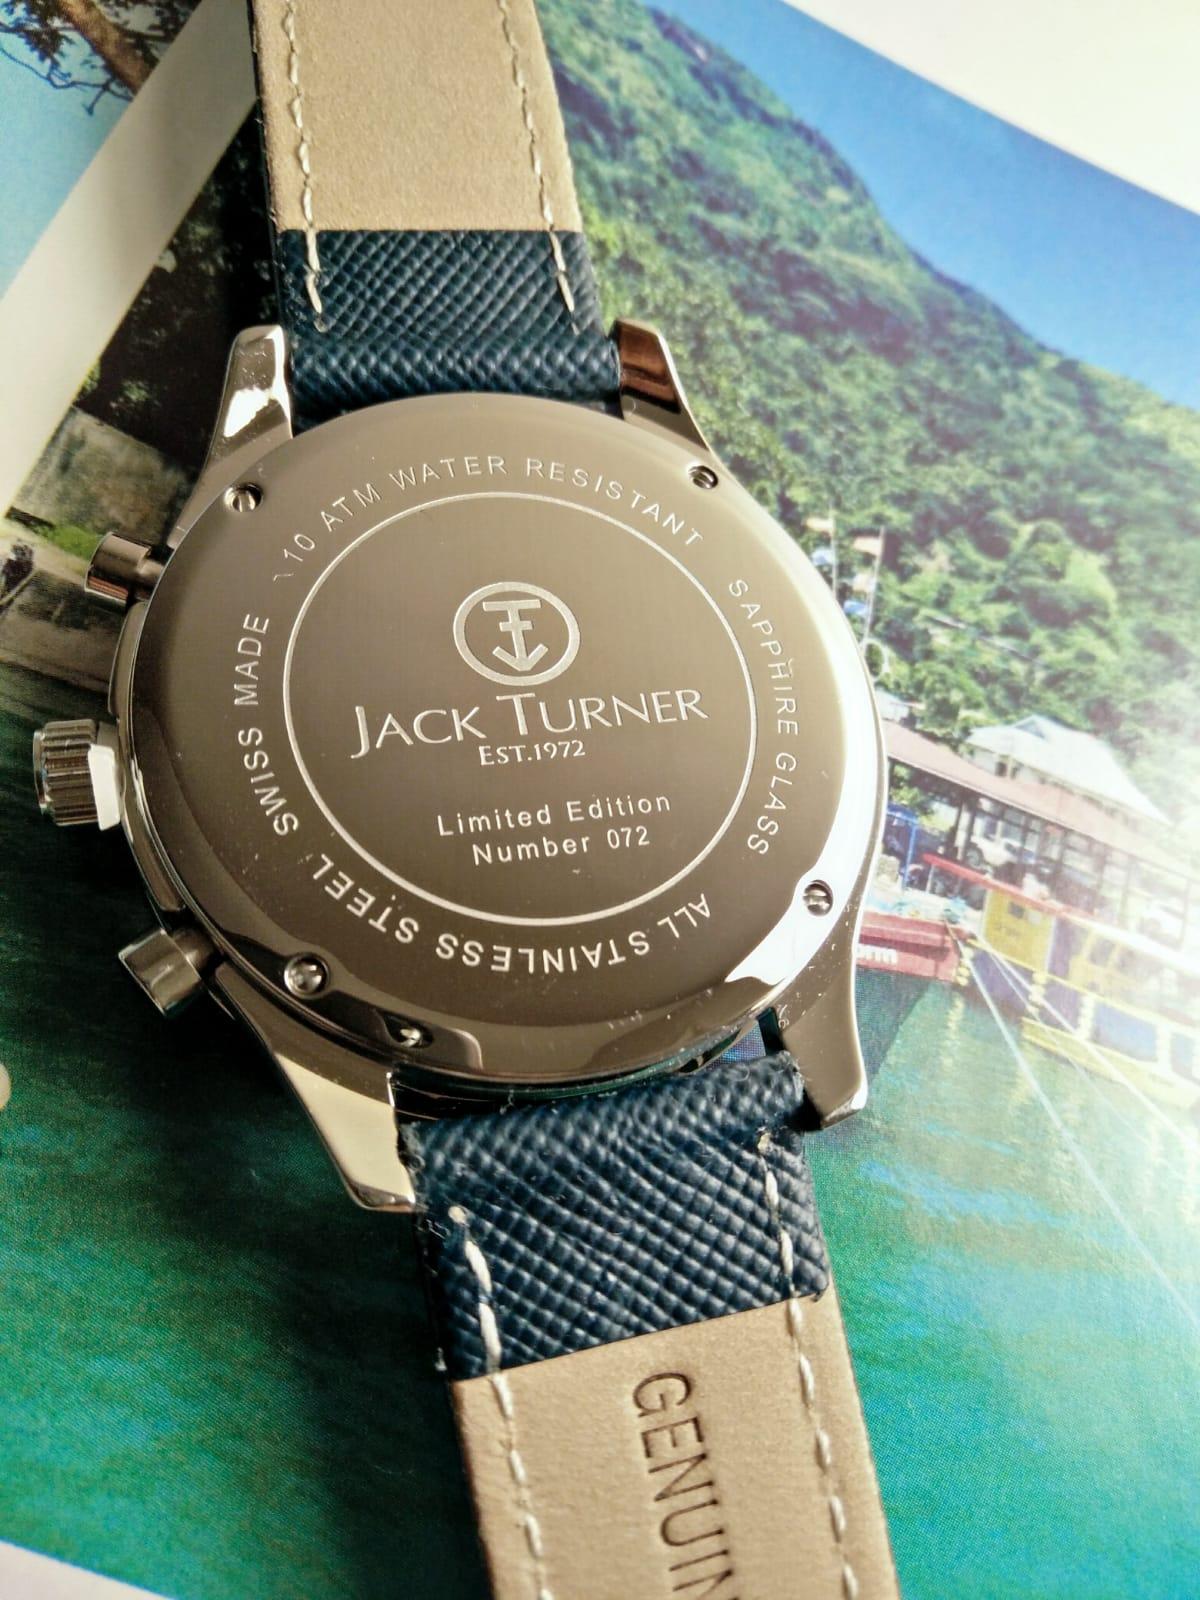 Backcasing Jack Turner Sports Chronograph